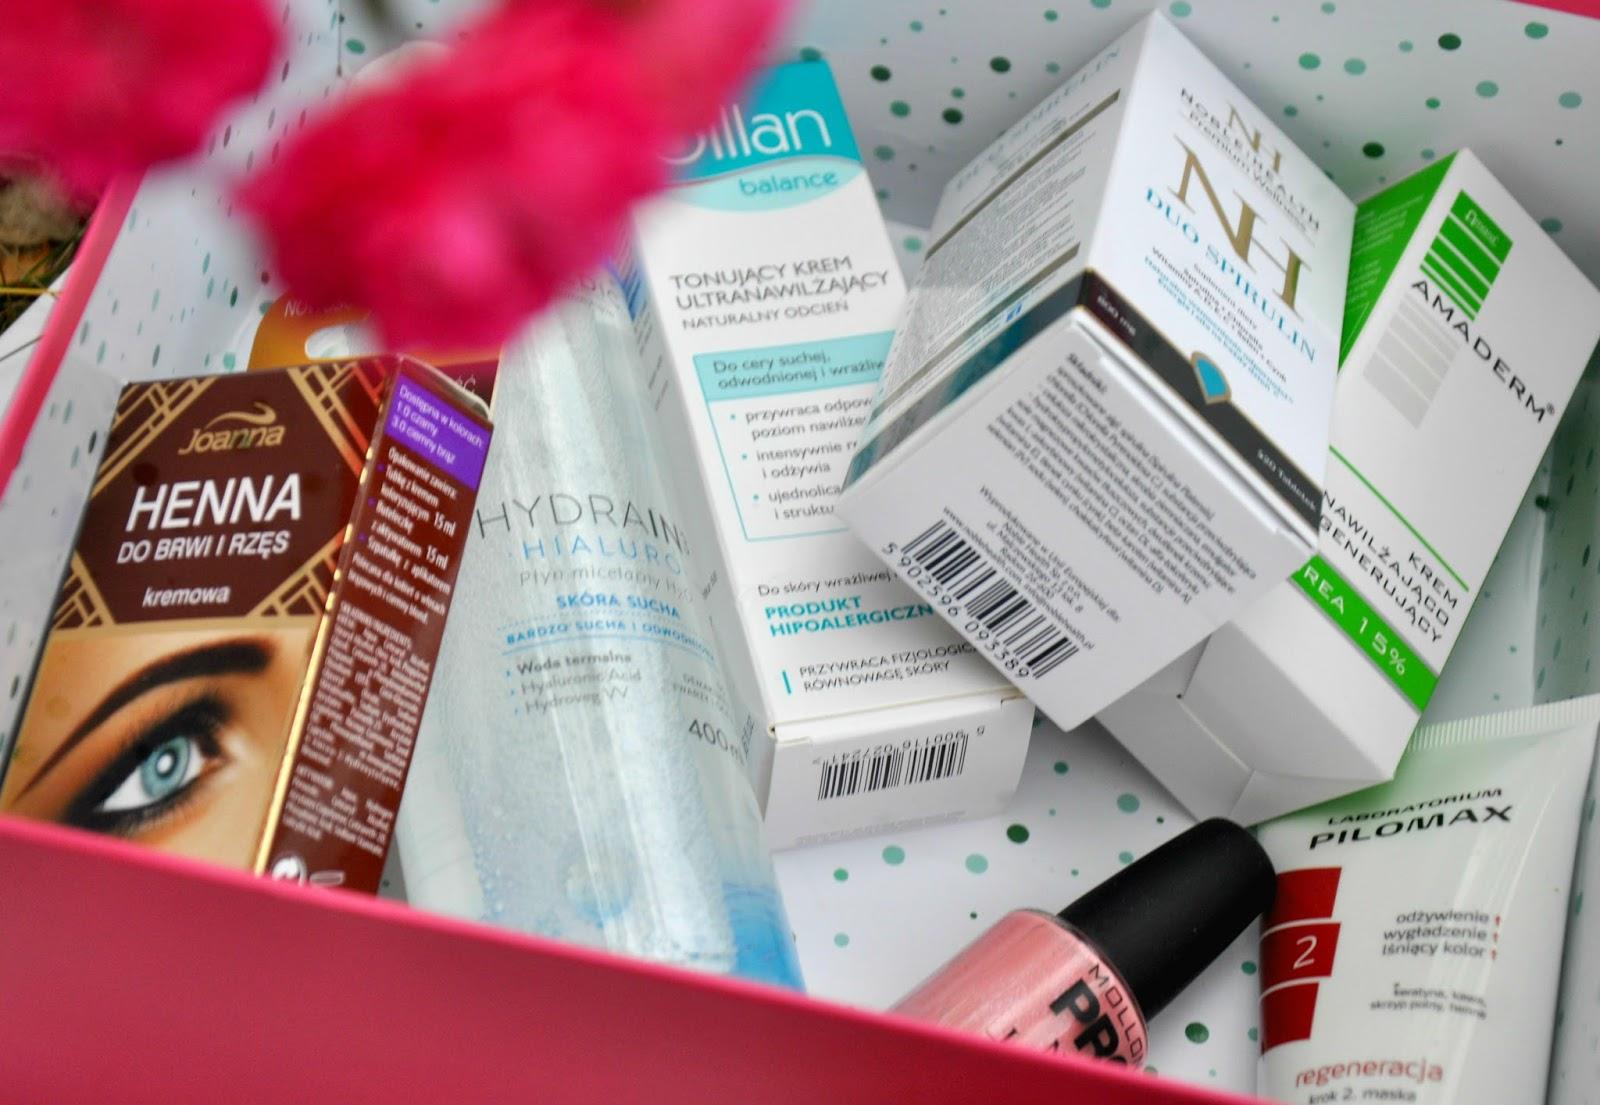 ShinyBox jest czerwcowym jubilatem, z tej okazji postanowił obdarować nas wspaniałymi kosmetykami i produktami wspomagającymi odchidzanietakich firm jak: NOBLE HEALTH Suplement diety, JOANNA Henna do brwi i rzęs, MOLLON PRO Lakier do paznokci Hardeming Nail Lacquer,  OILLAN - Balance - Tonujący krem ultra nawilżający, STENDERS - Peeling do twarzy, DERMEDIC - Płyn micelarny, Qbox - Herbata oolong – próbka, AMADERM - Krem do ciała, PILOMAX - Maska do włosów